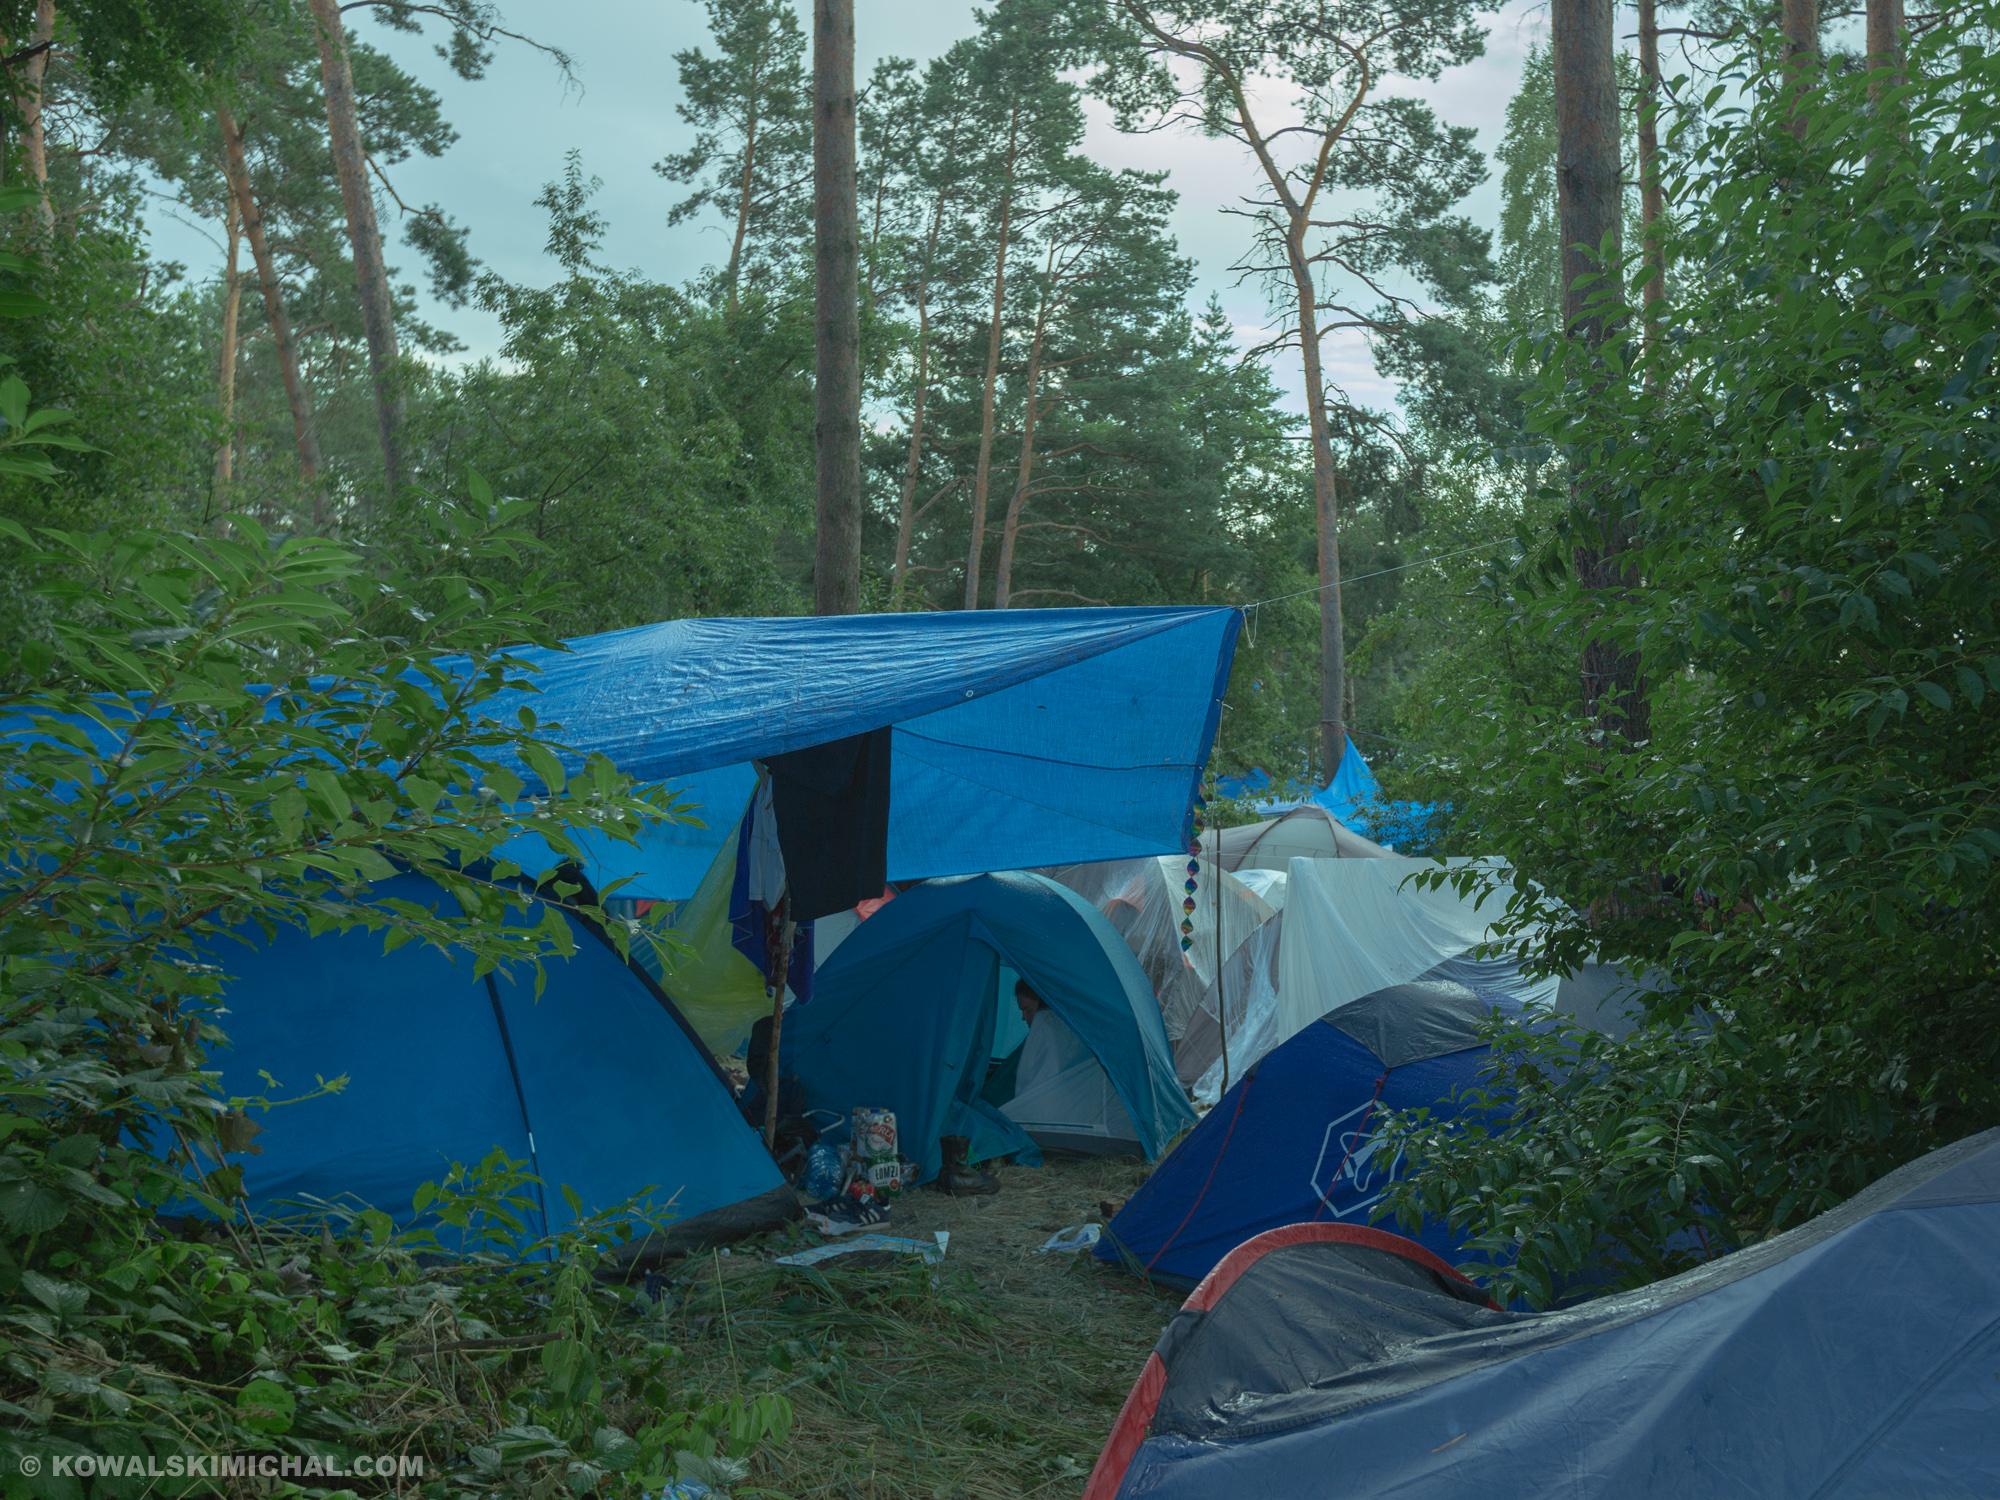 fot.kowalskimichal.com_MG_6354.jpg